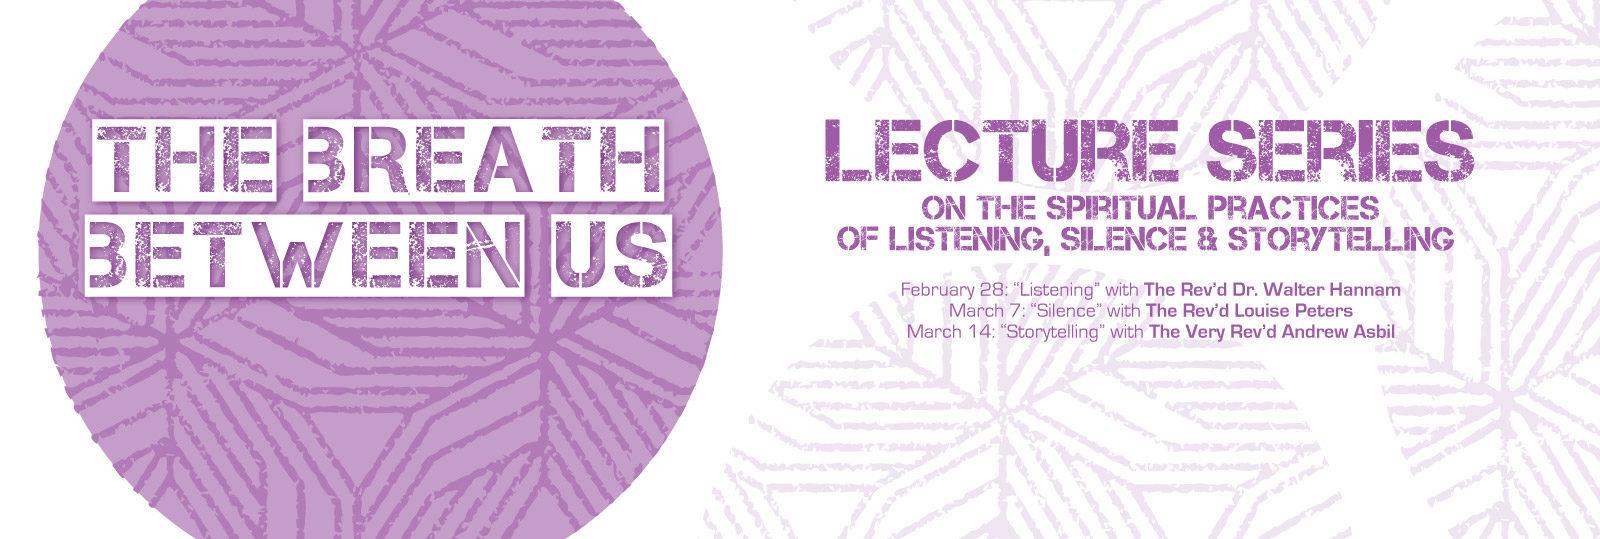 The Breath Between Us: Lenten Lecture Series